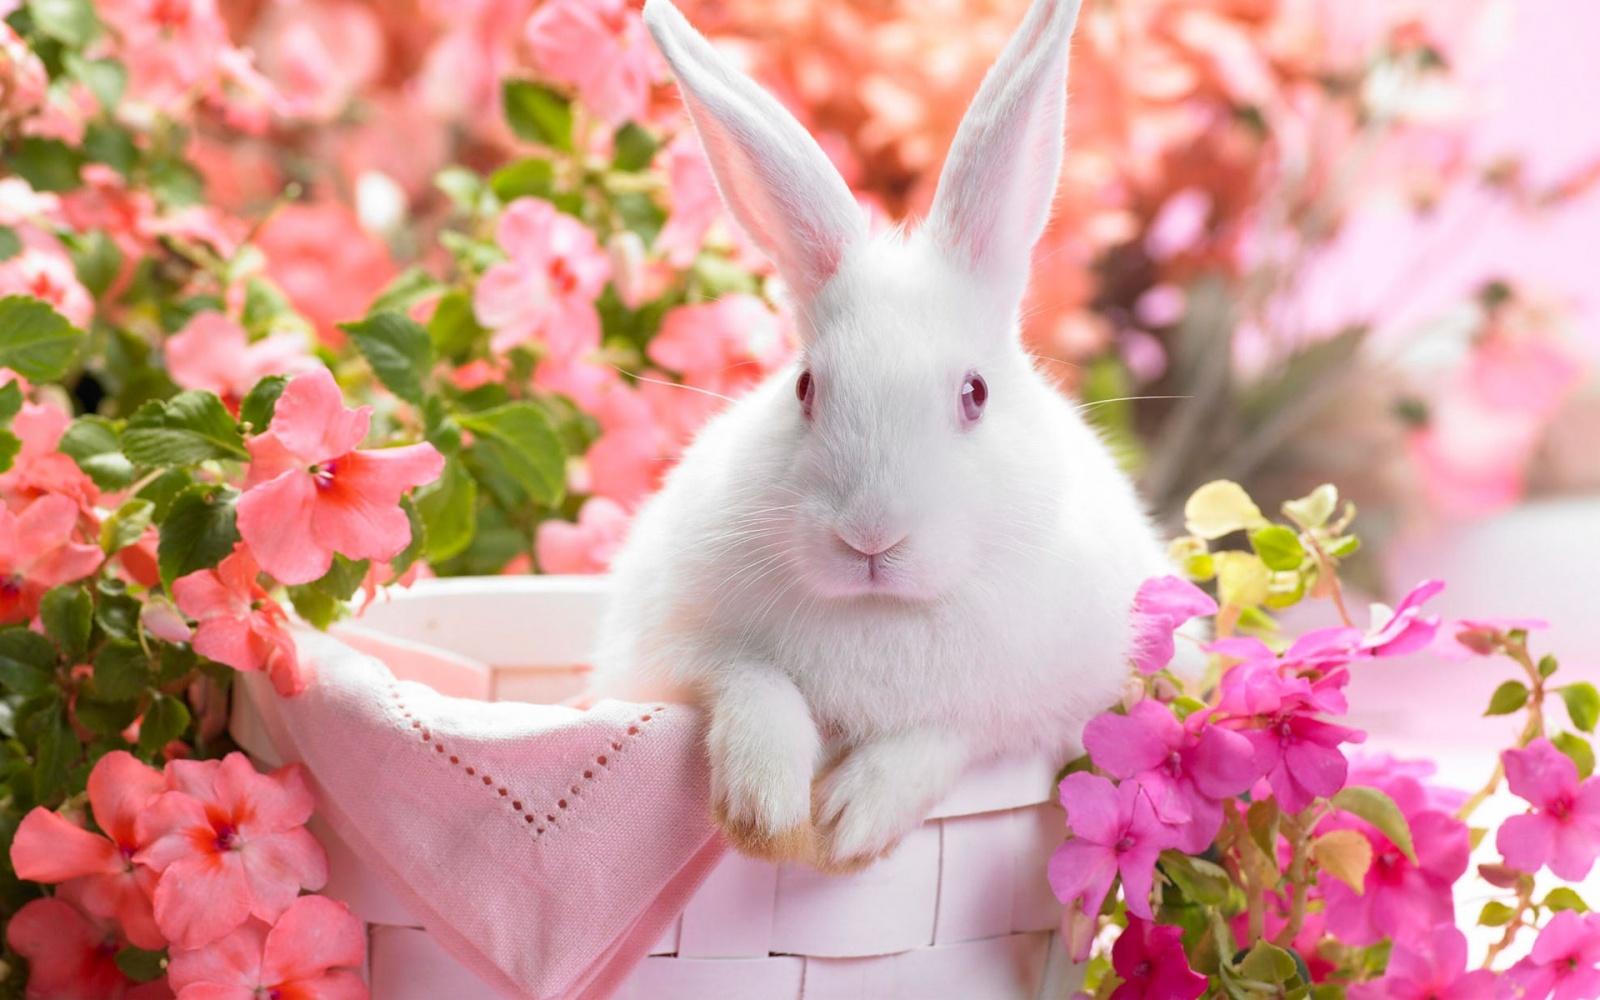 spring rabbit wallpaper, скачать фото, обои для рабочего стола, кролик